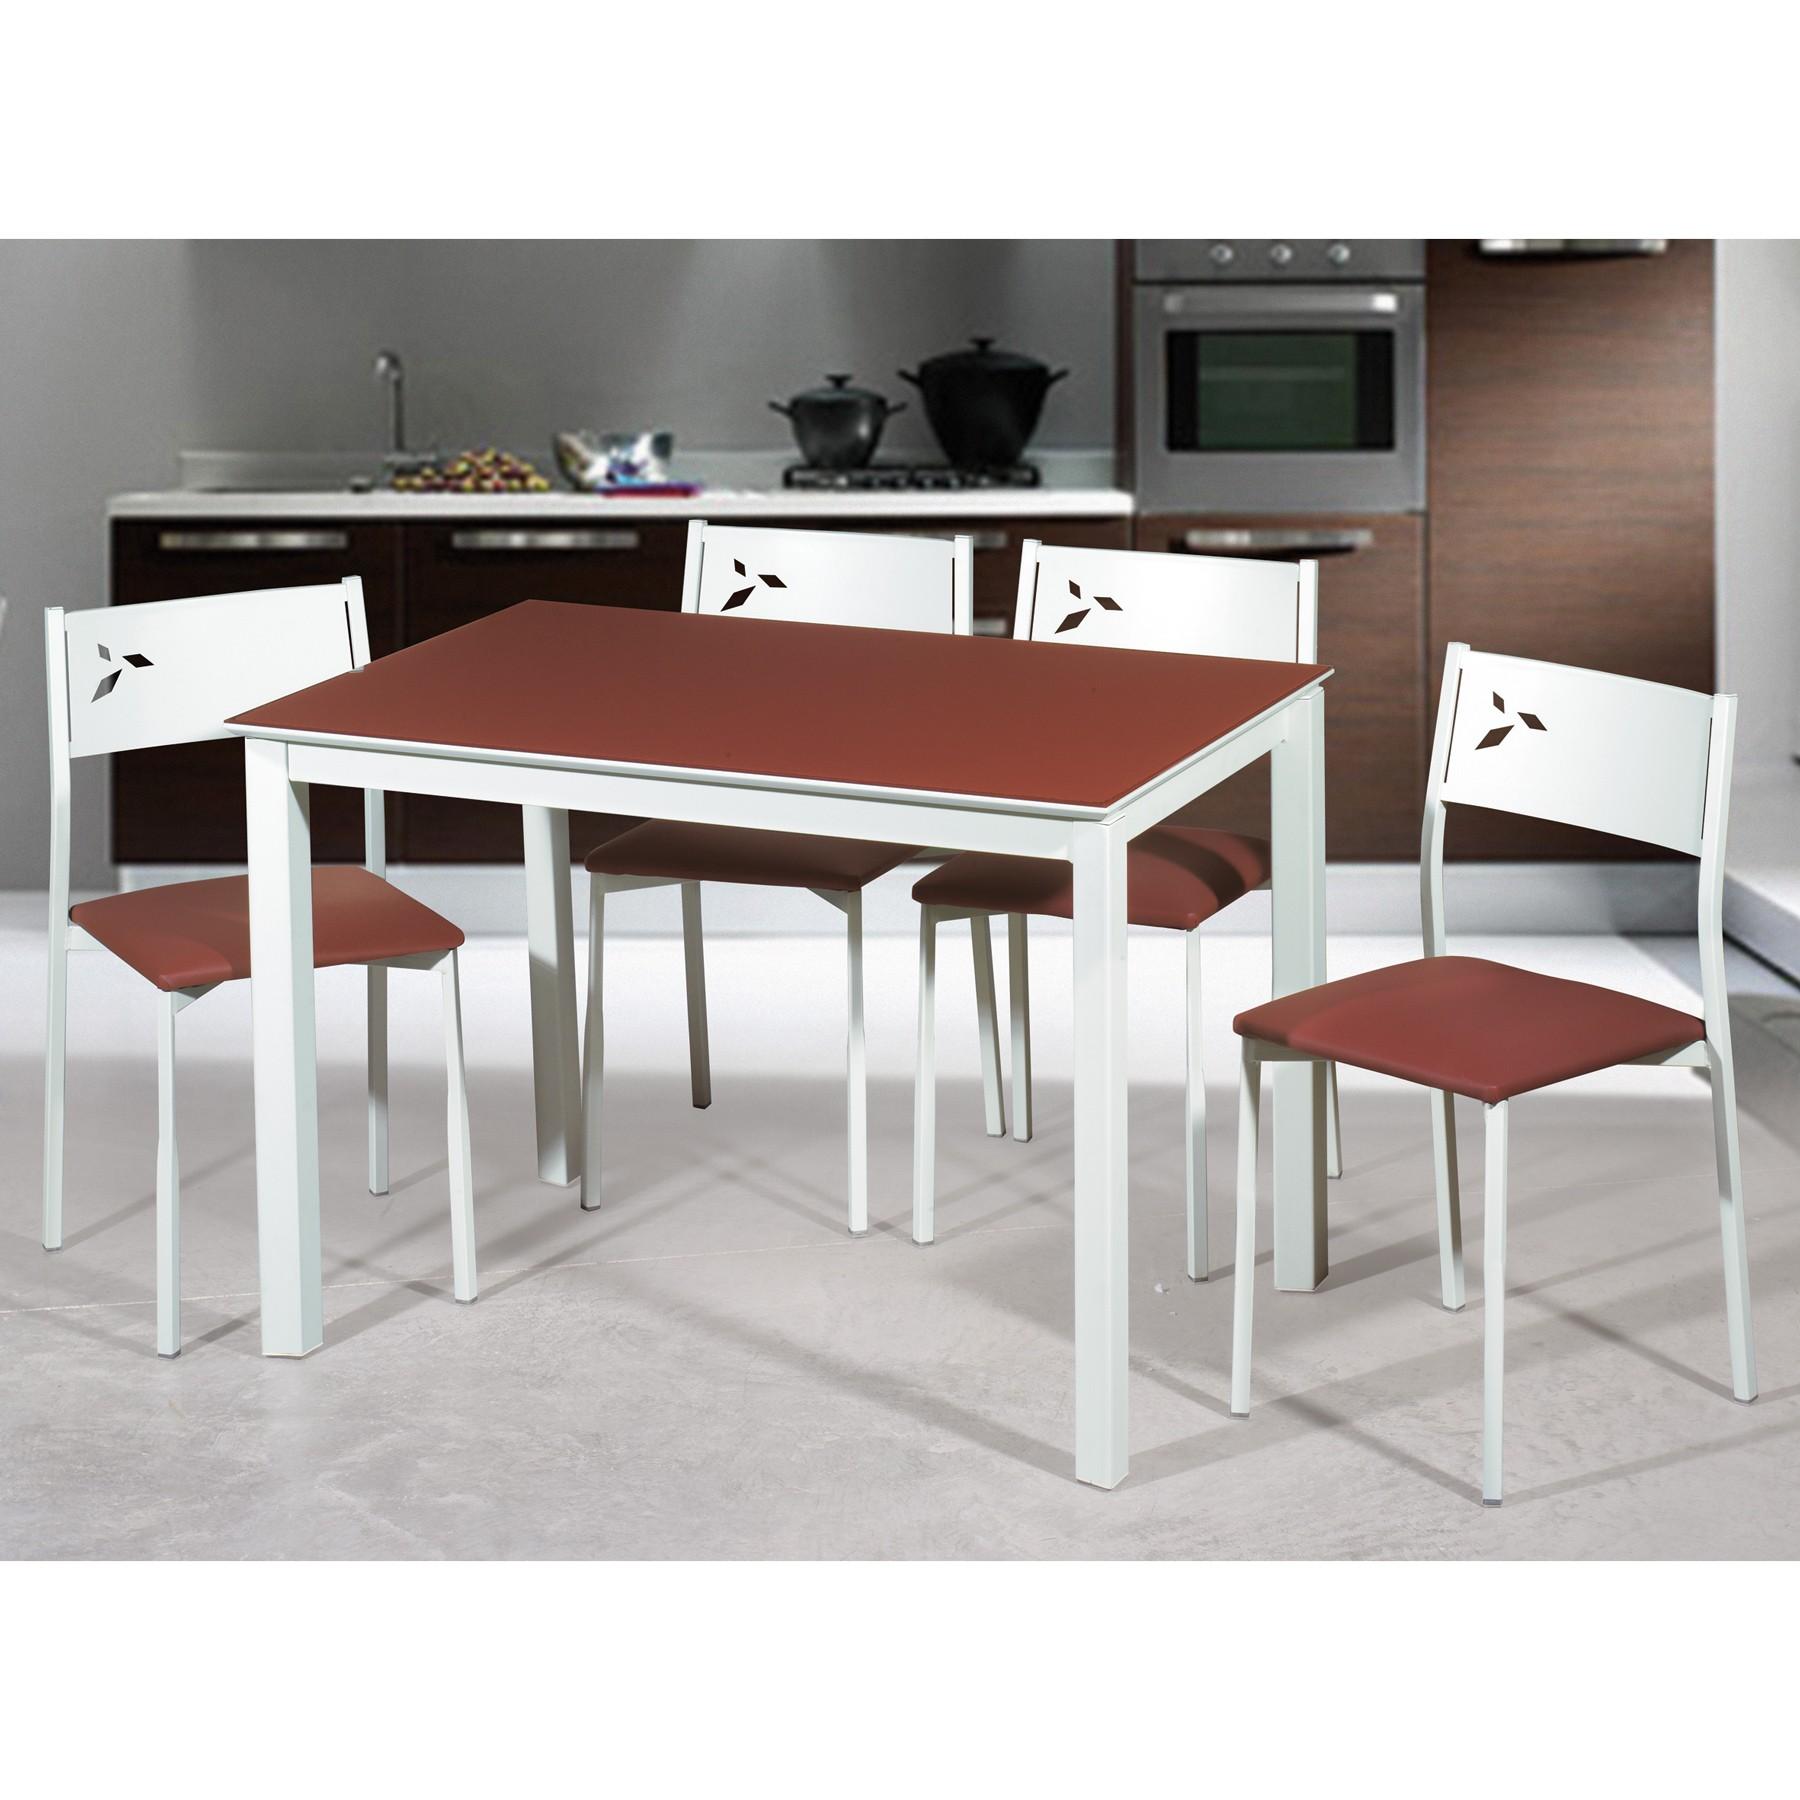 Ofertas sillas ofertas de muebles y sillas para oficina - Ofertas mesas de cocina ...